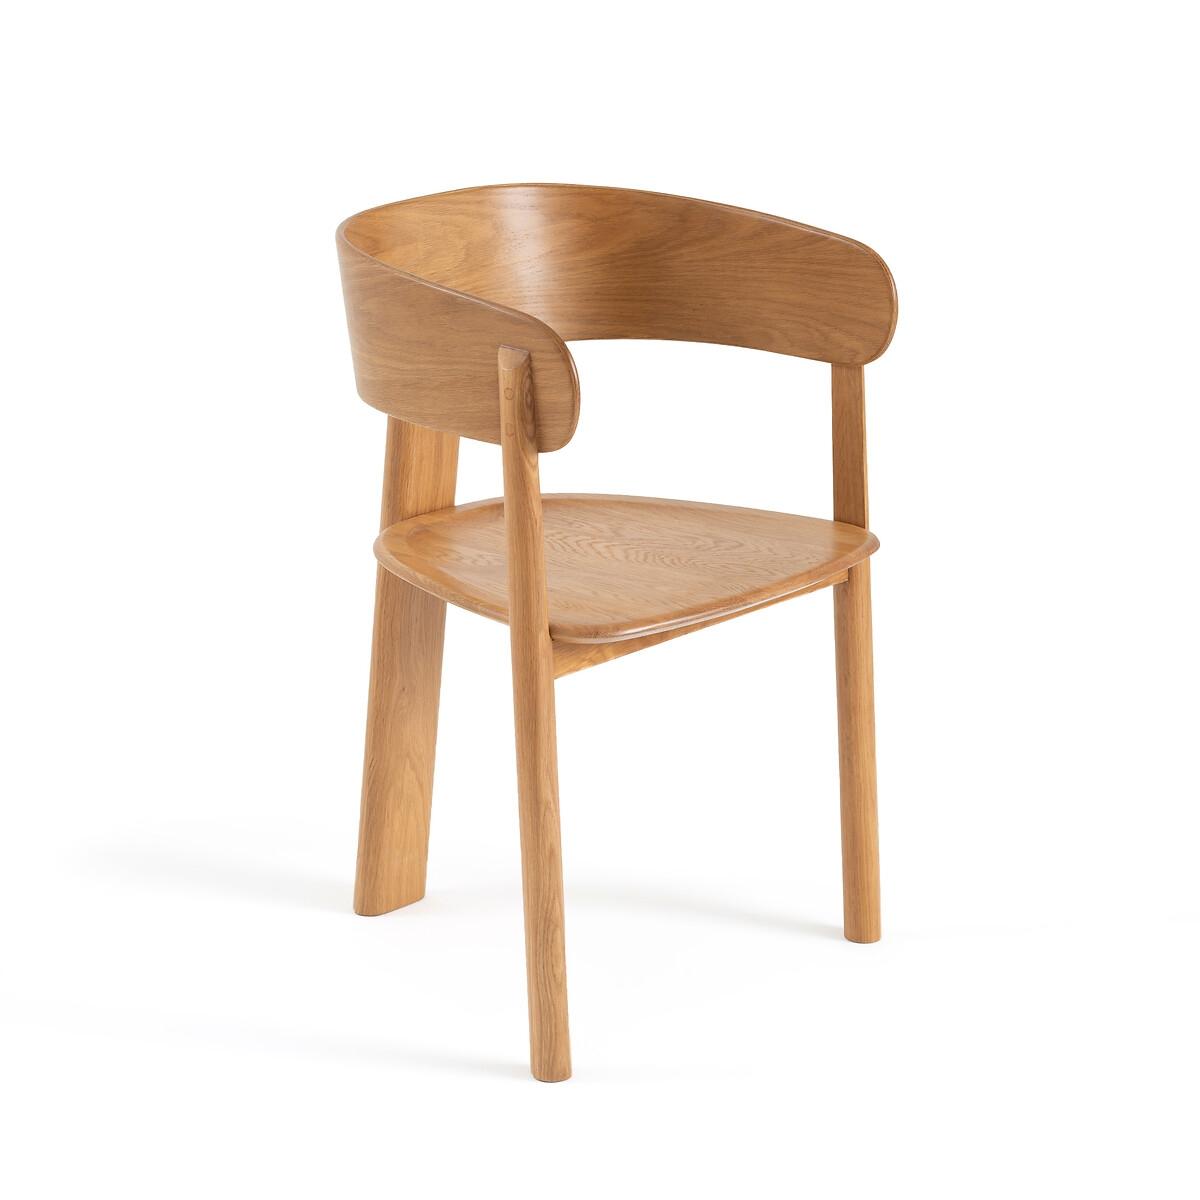 Кресло LaRedoute Для столовой Marais дизайн Э Галлина единый размер каштановый